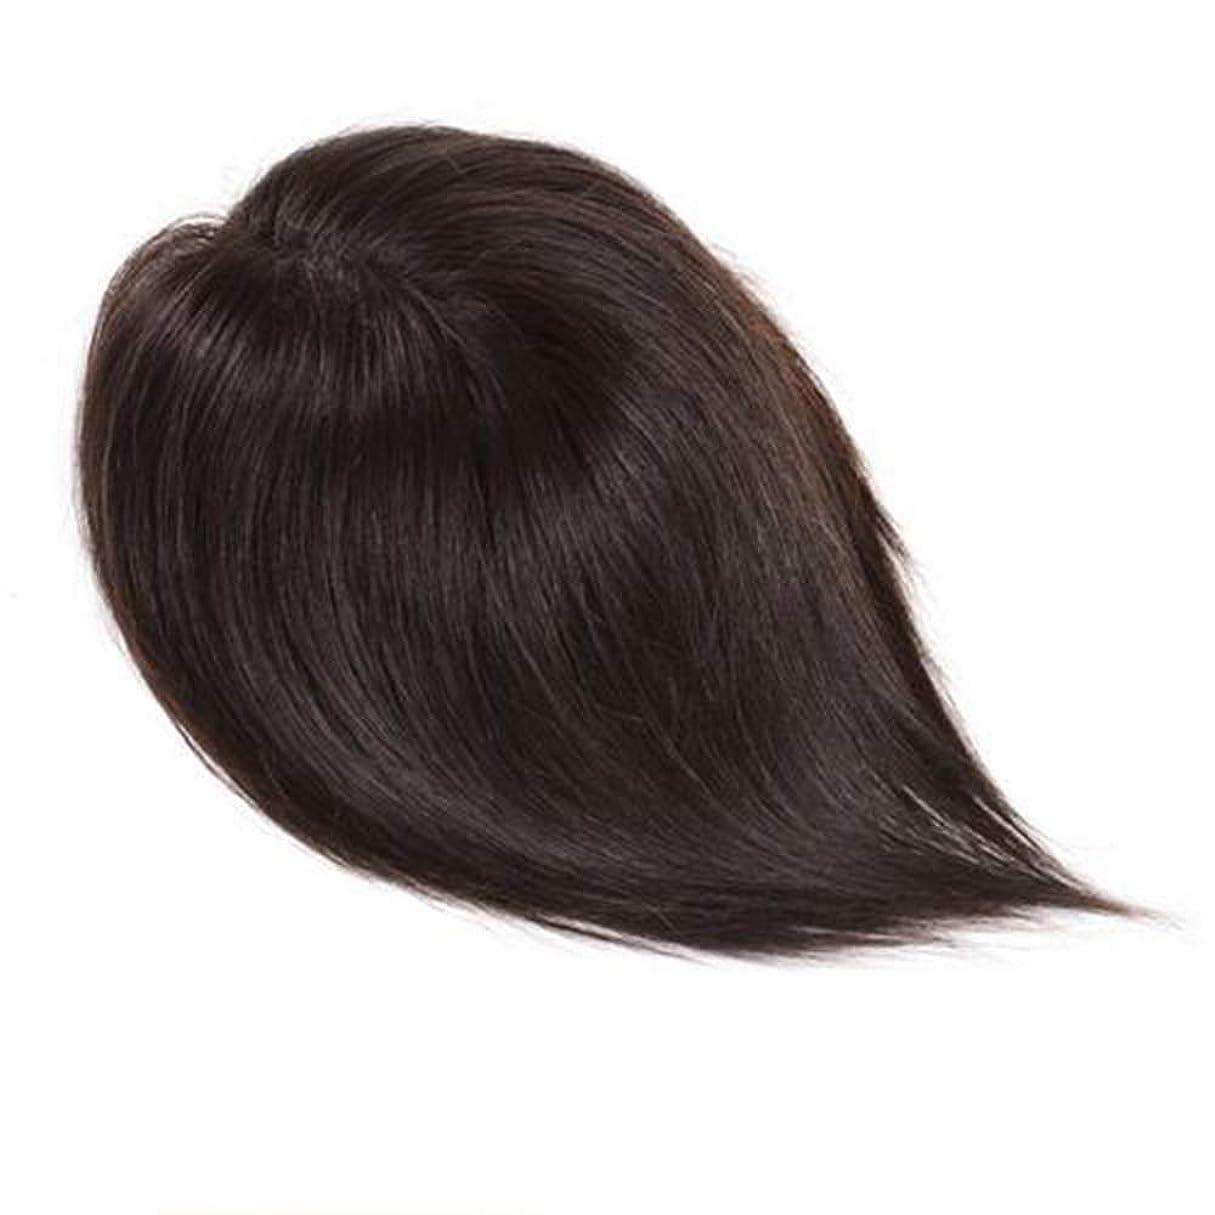 上下するホーム名詞BOBIDYEE 女性のロングストレートヘアハンドウィッグ自然に見える女性のヘアシステム (色 : Natural color, サイズ : 25cm)